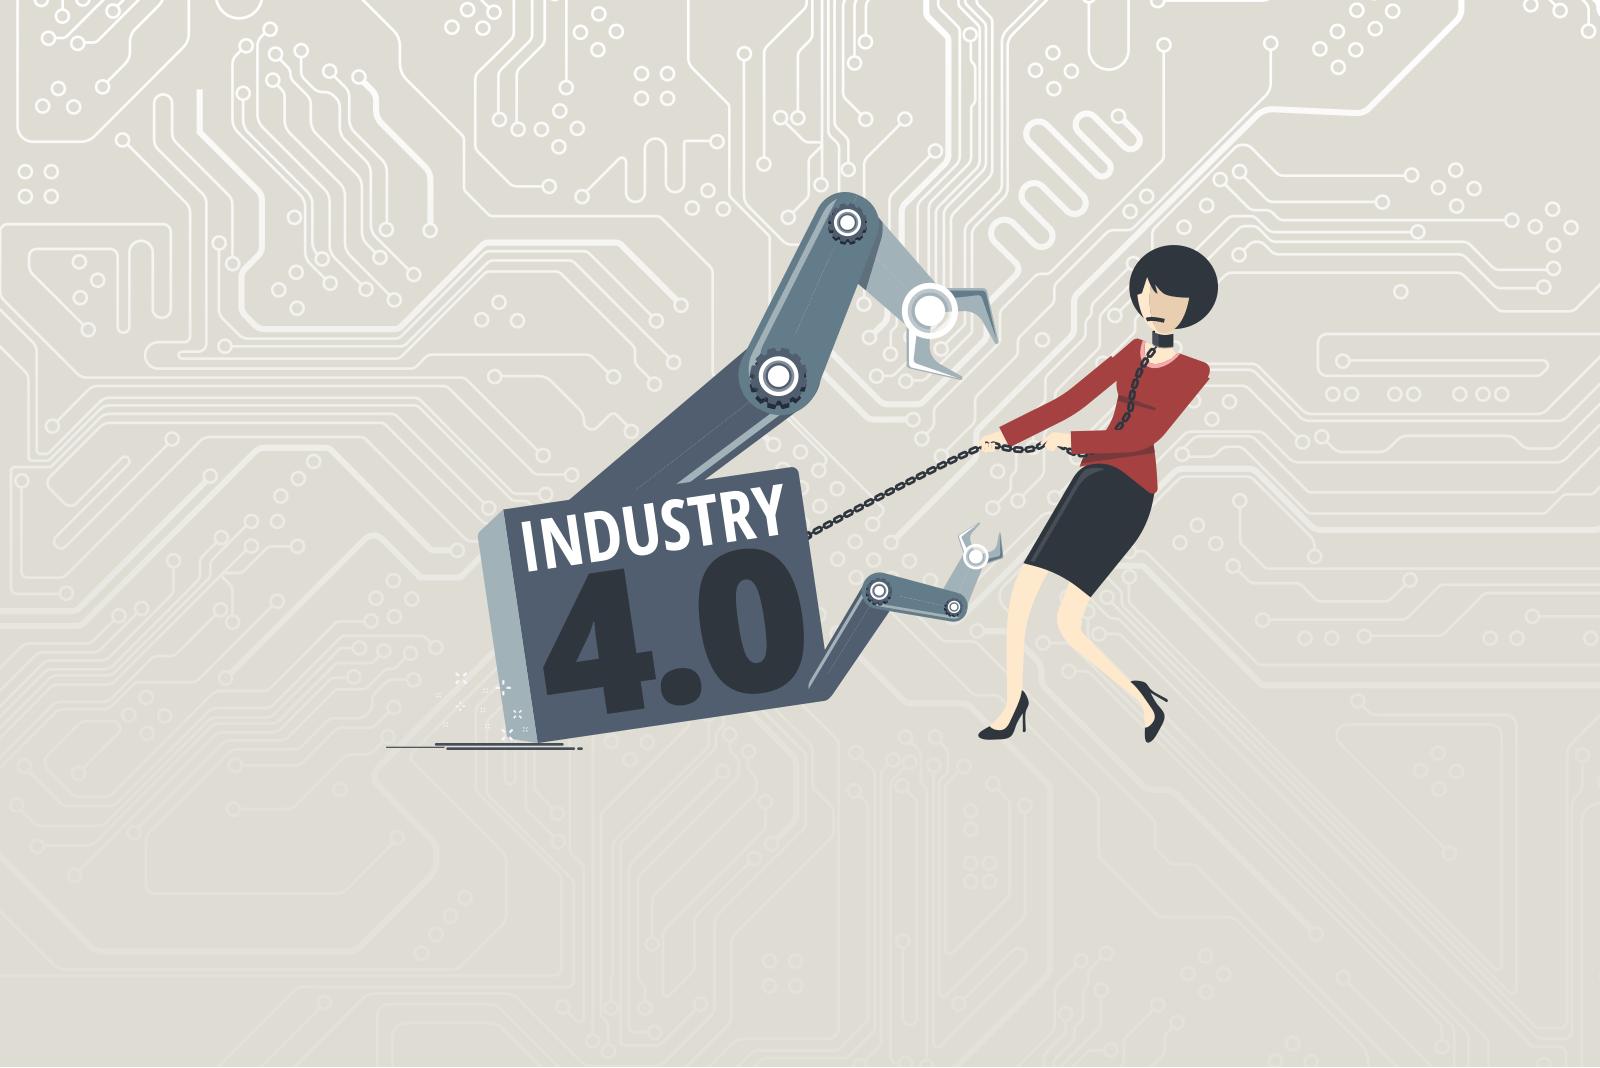 Industry 4.0: Illustration zeigt Angst vor der Digitalisierung am Arbeitsplatz